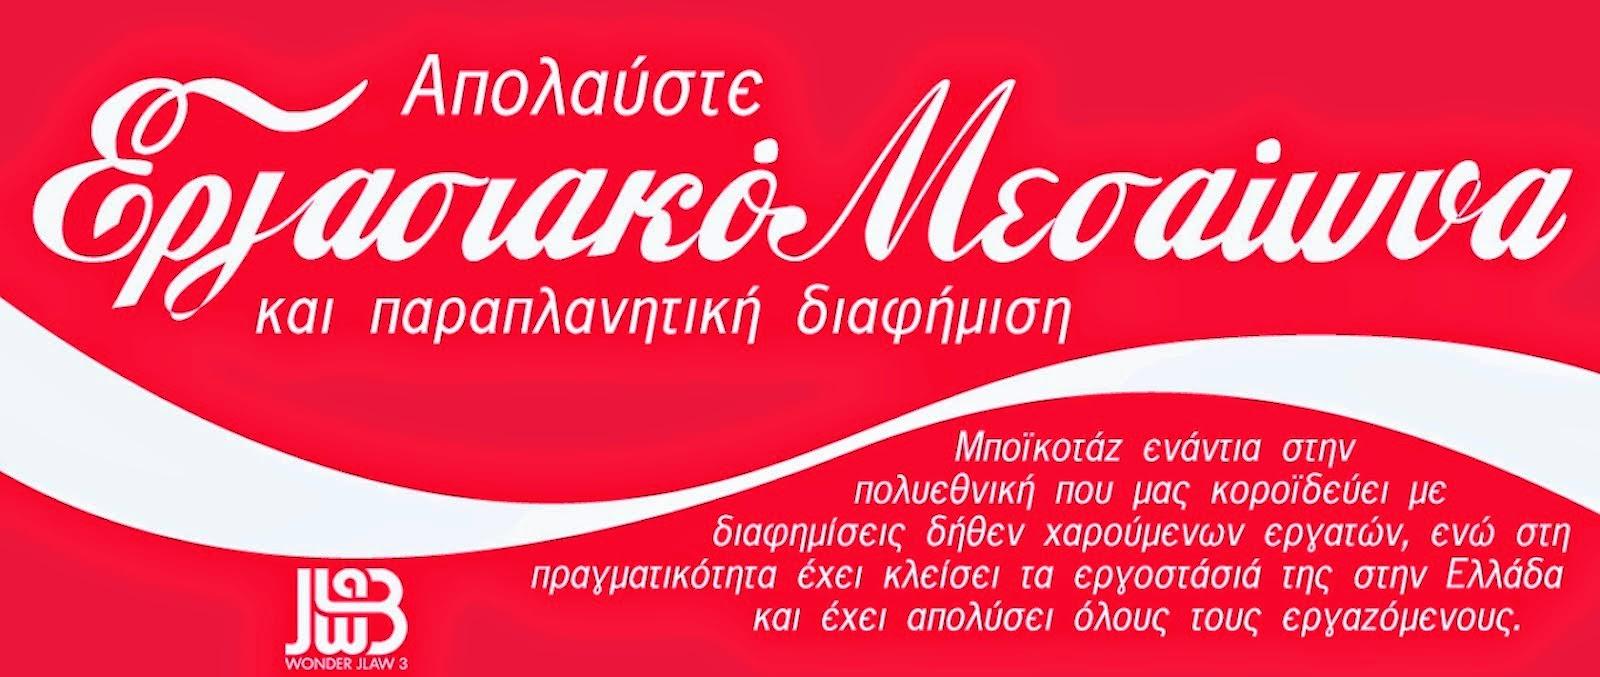 Απεργία στην Coca Cola: Συμπαράσταση με μποϊκοτάζ στα προϊόντα της 3Ε